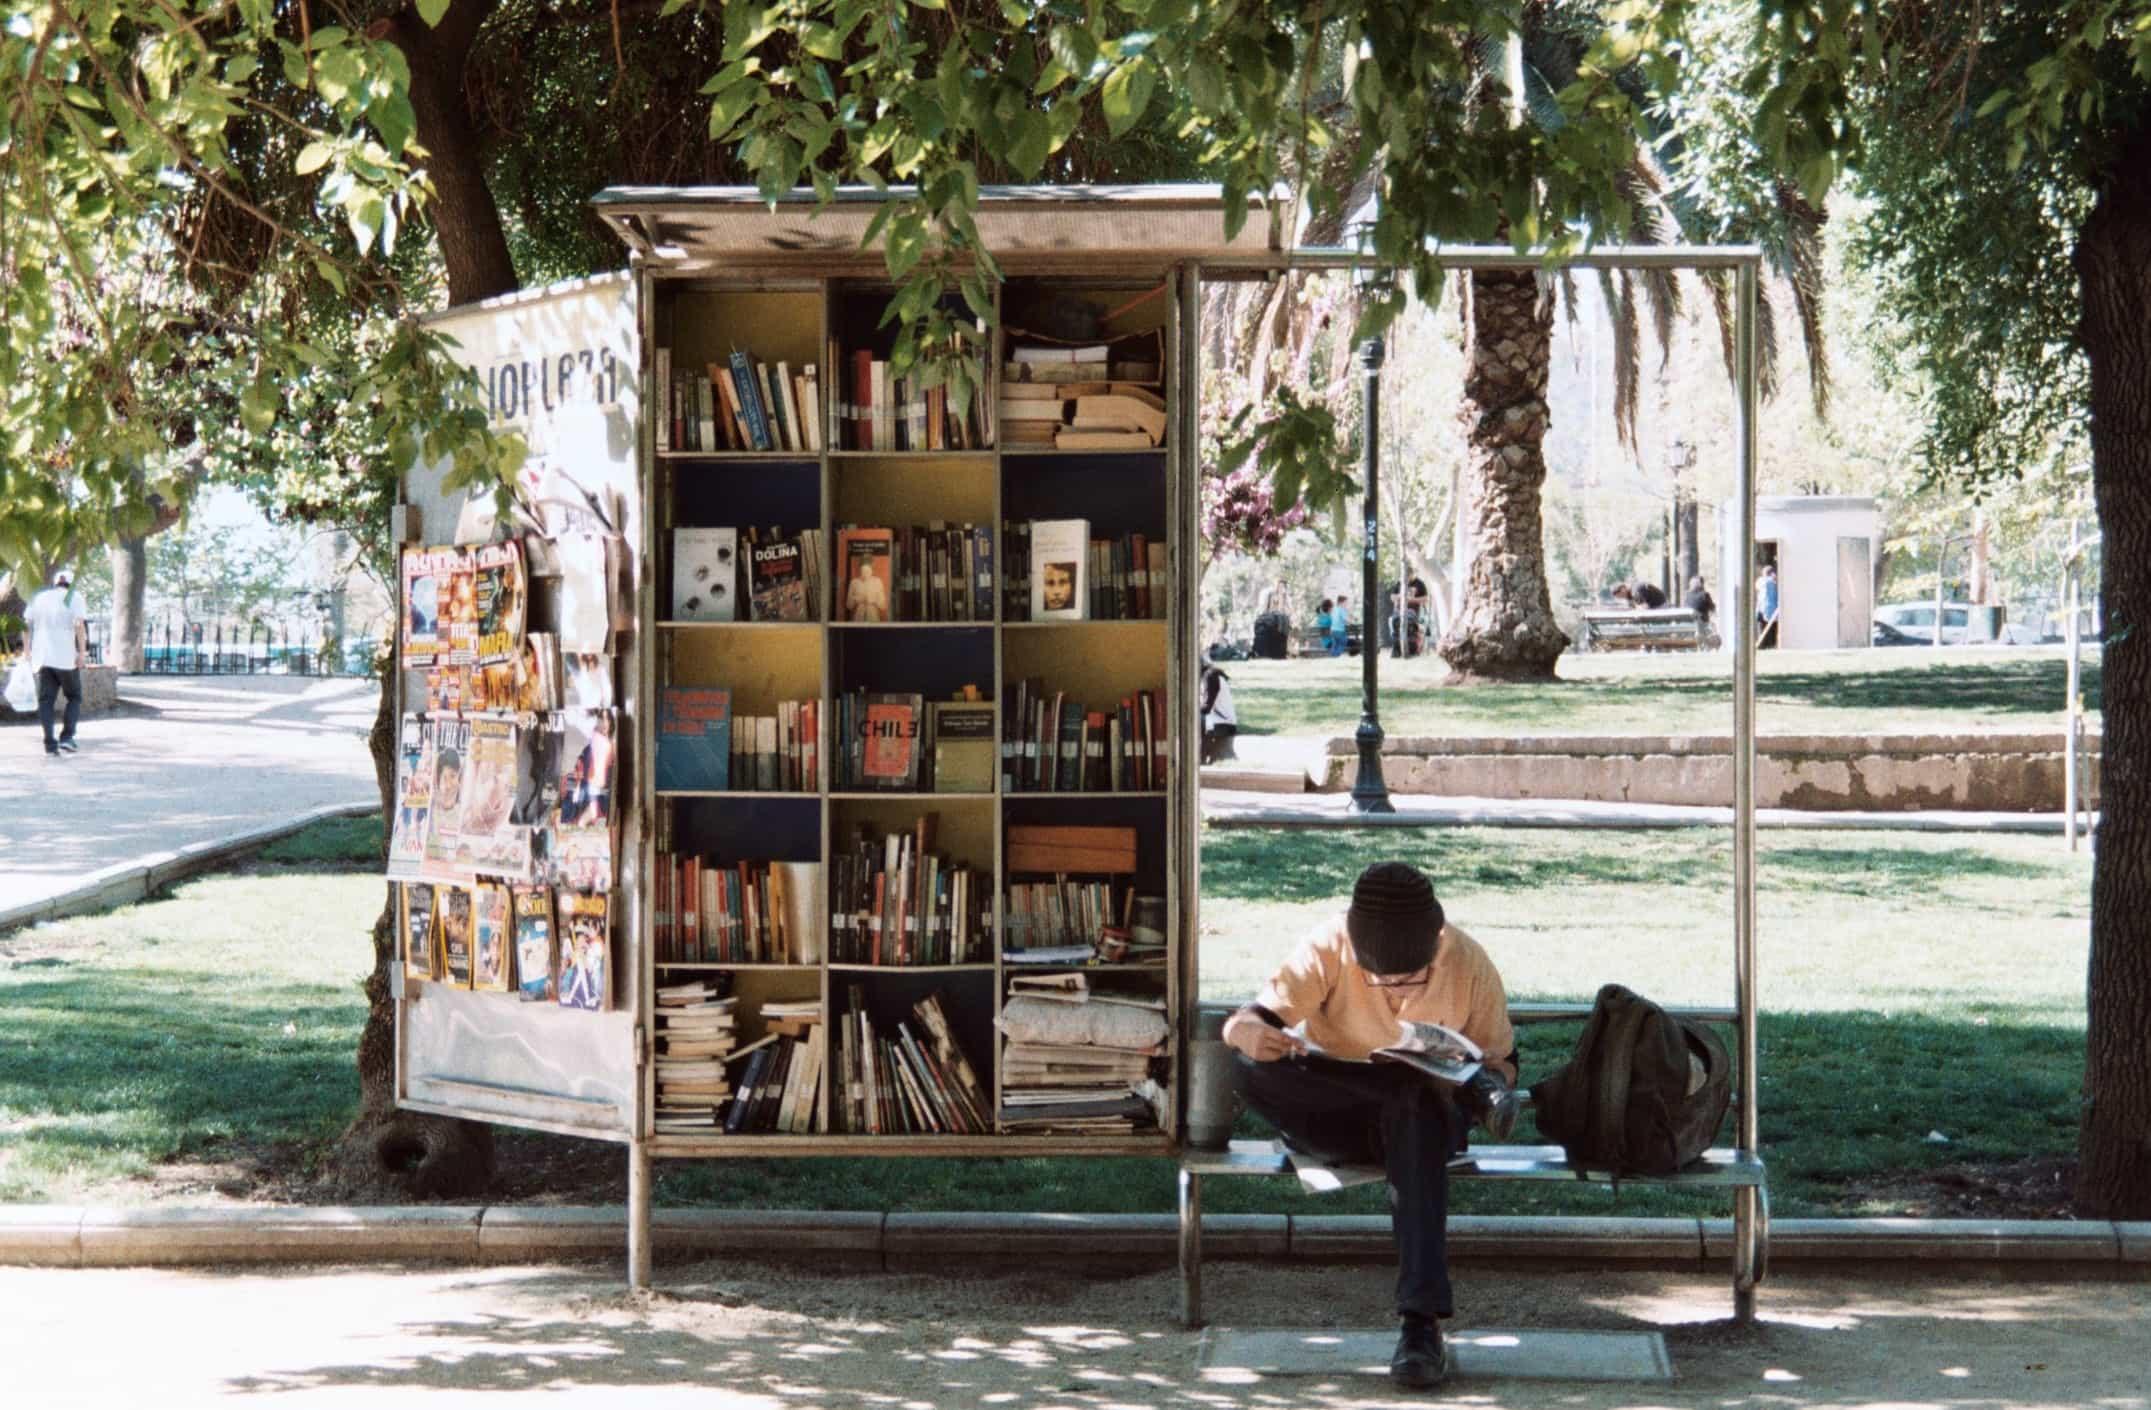 Junger Mann sitzt auf einer Bank in Santiago de Chile und liest ein Buch